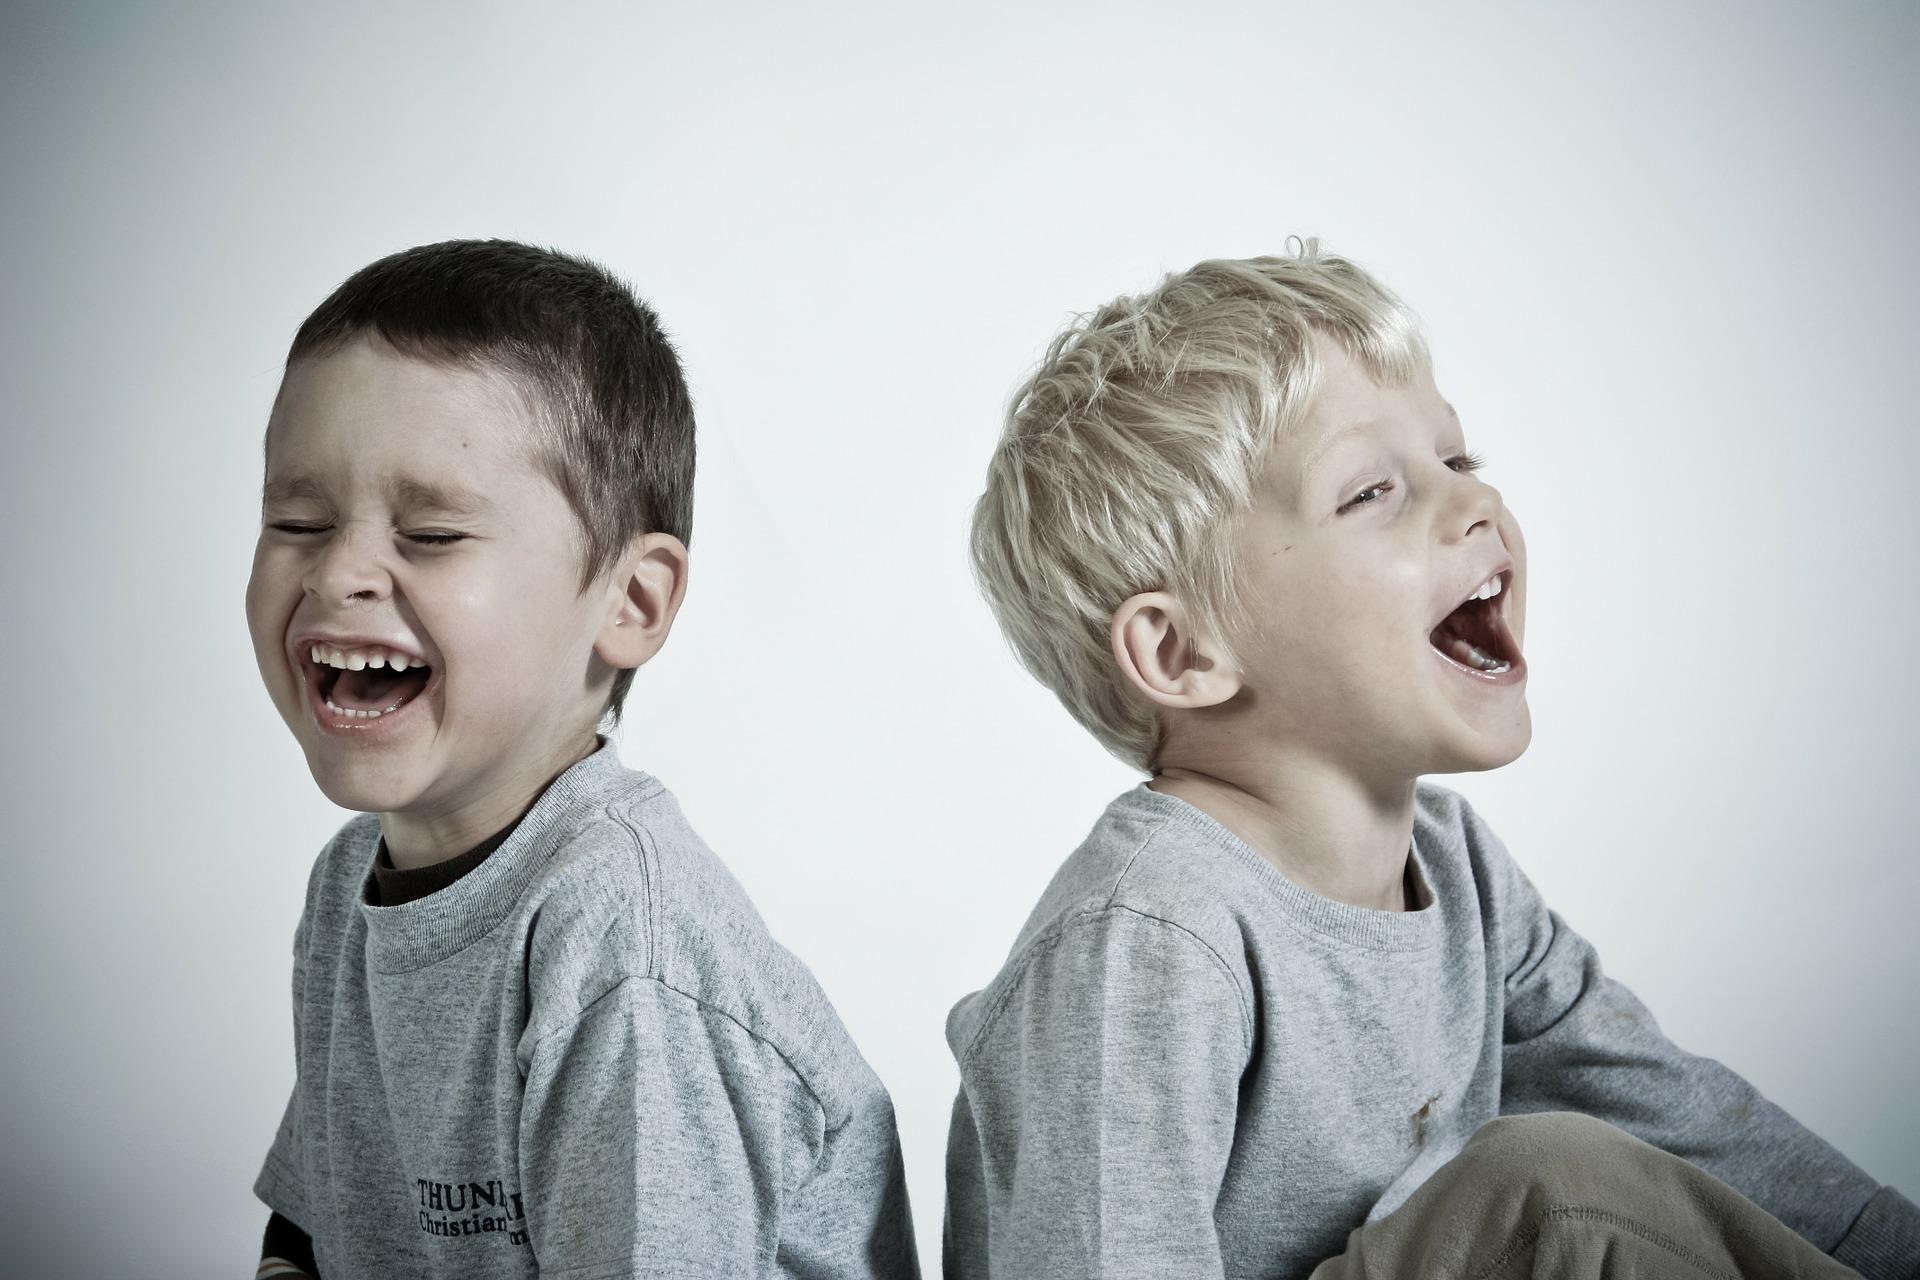 Kinderbehandlung & Fissurenversiegelung